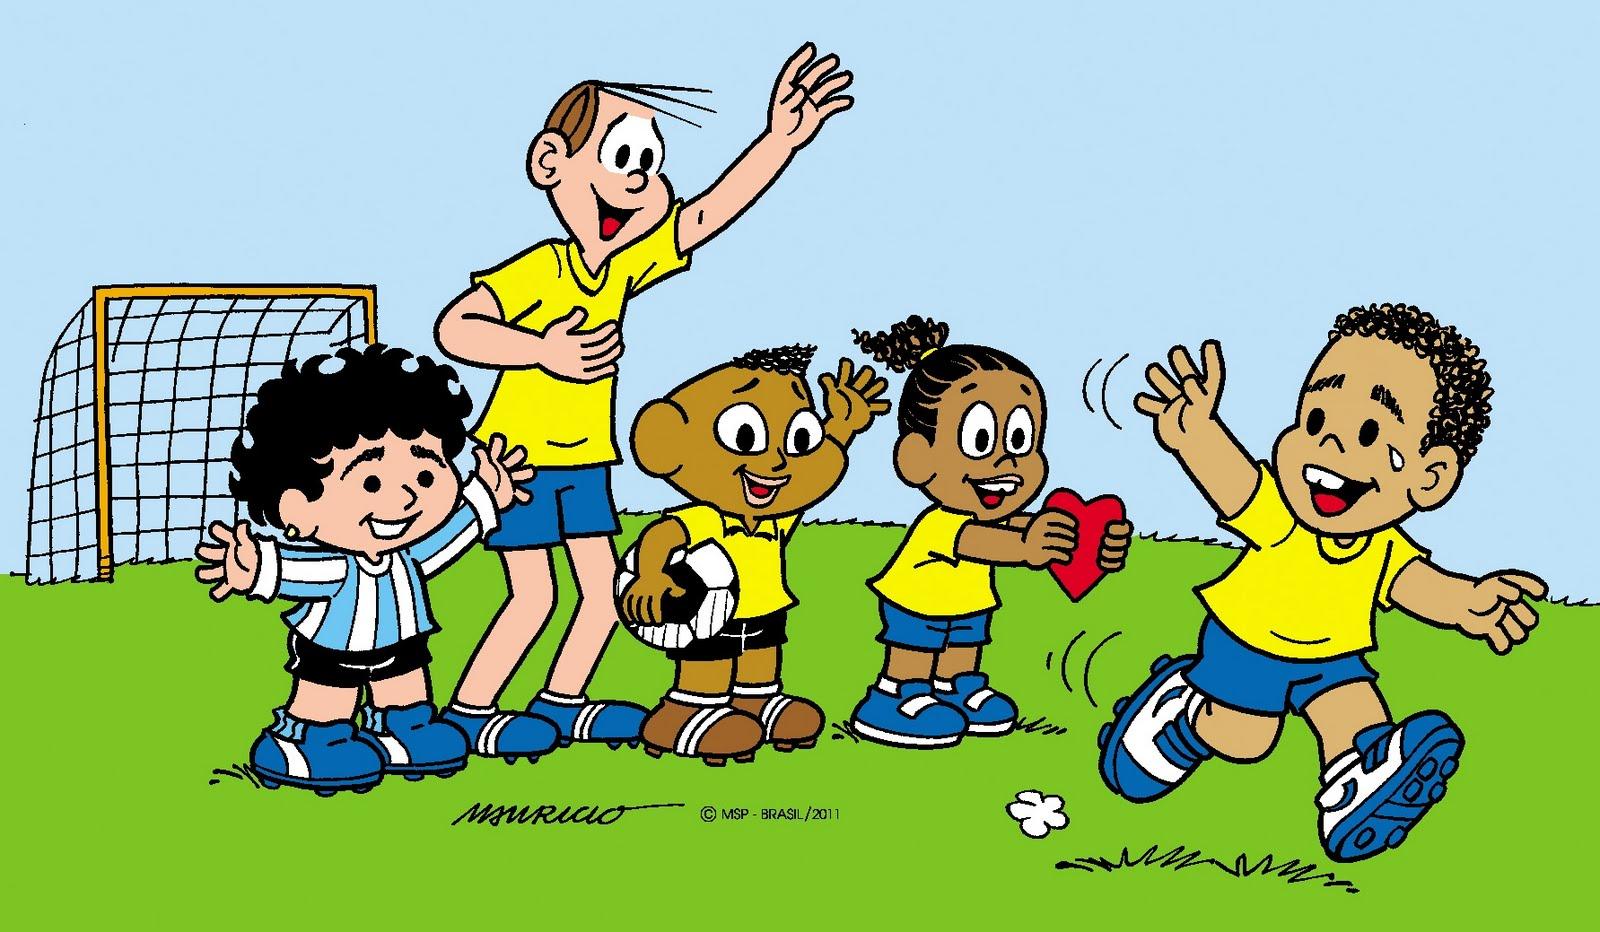 Crianças Que Jogam O Futebol Nos Desenhos Animados Do: Diário Do Grande ABC: Junho 2011